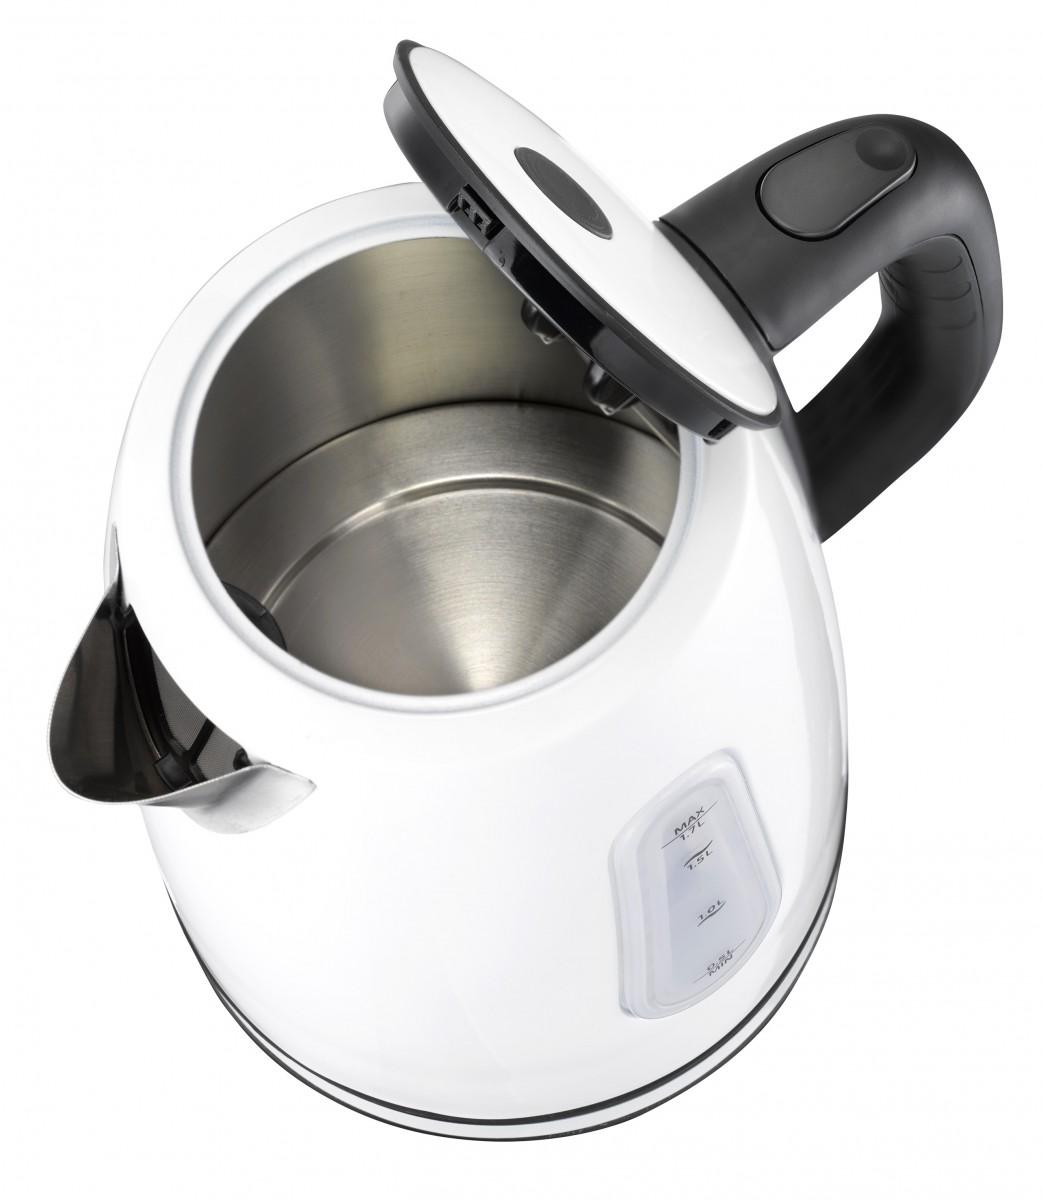 Wasserkocher weiß Melissa 16130271 – Bild 2